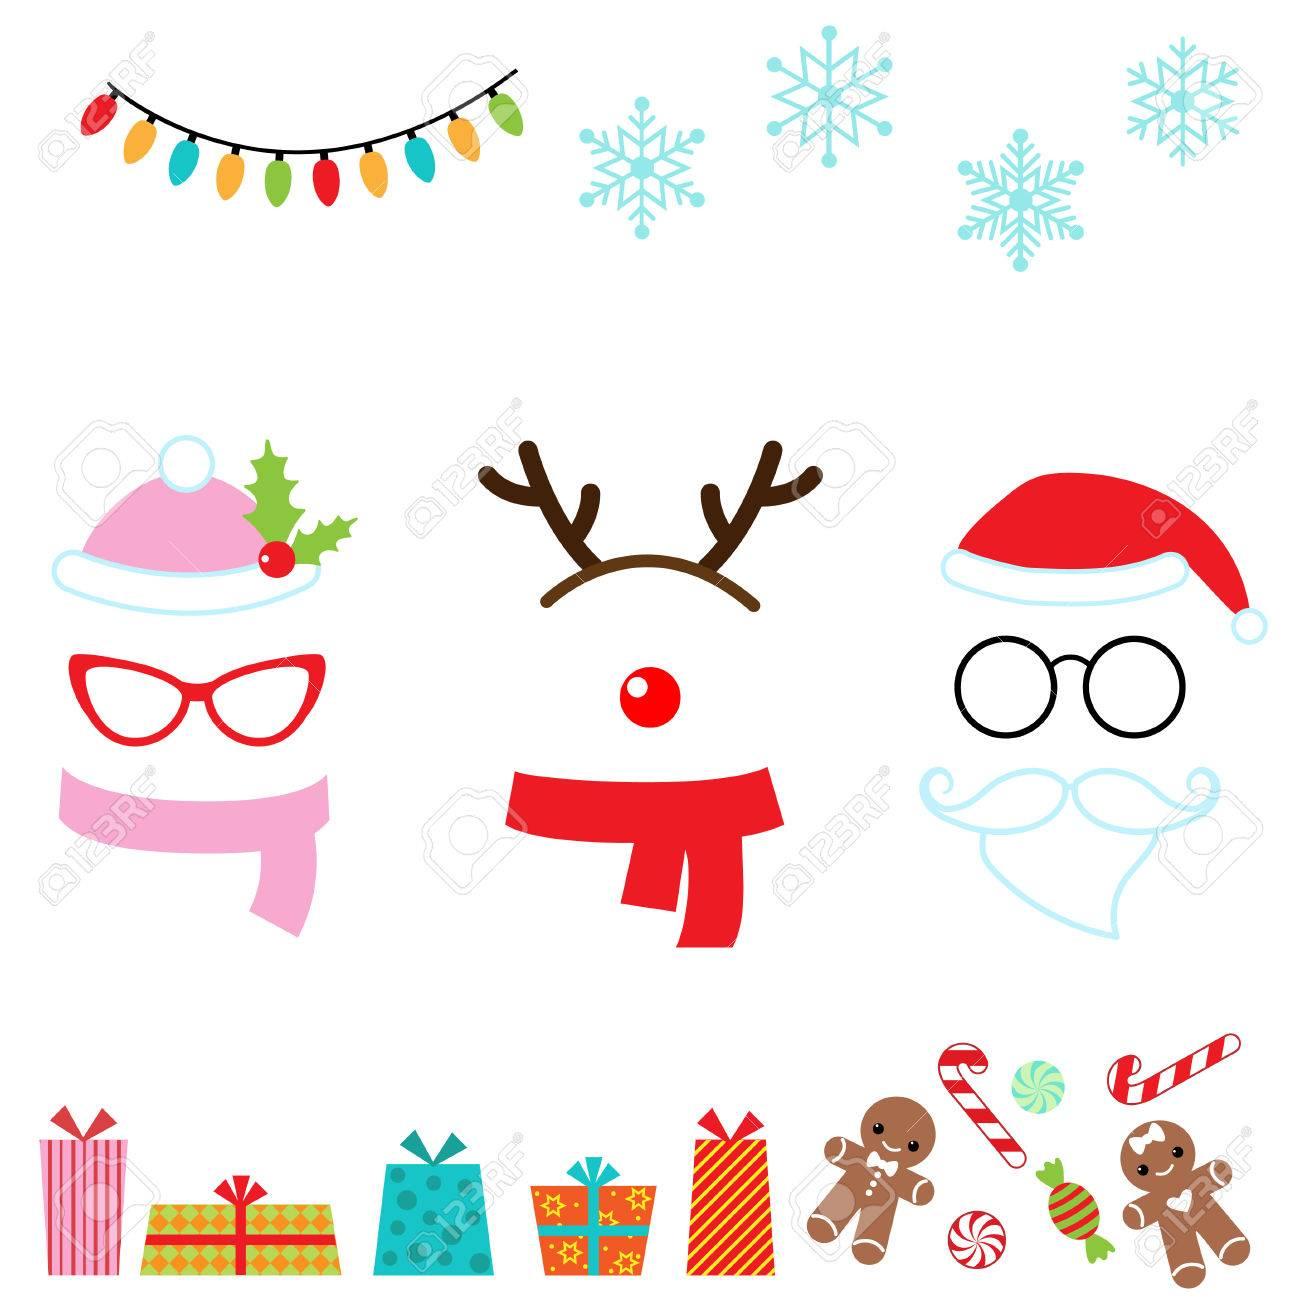 Noël vecteur photo de dessin animé stand accessoires